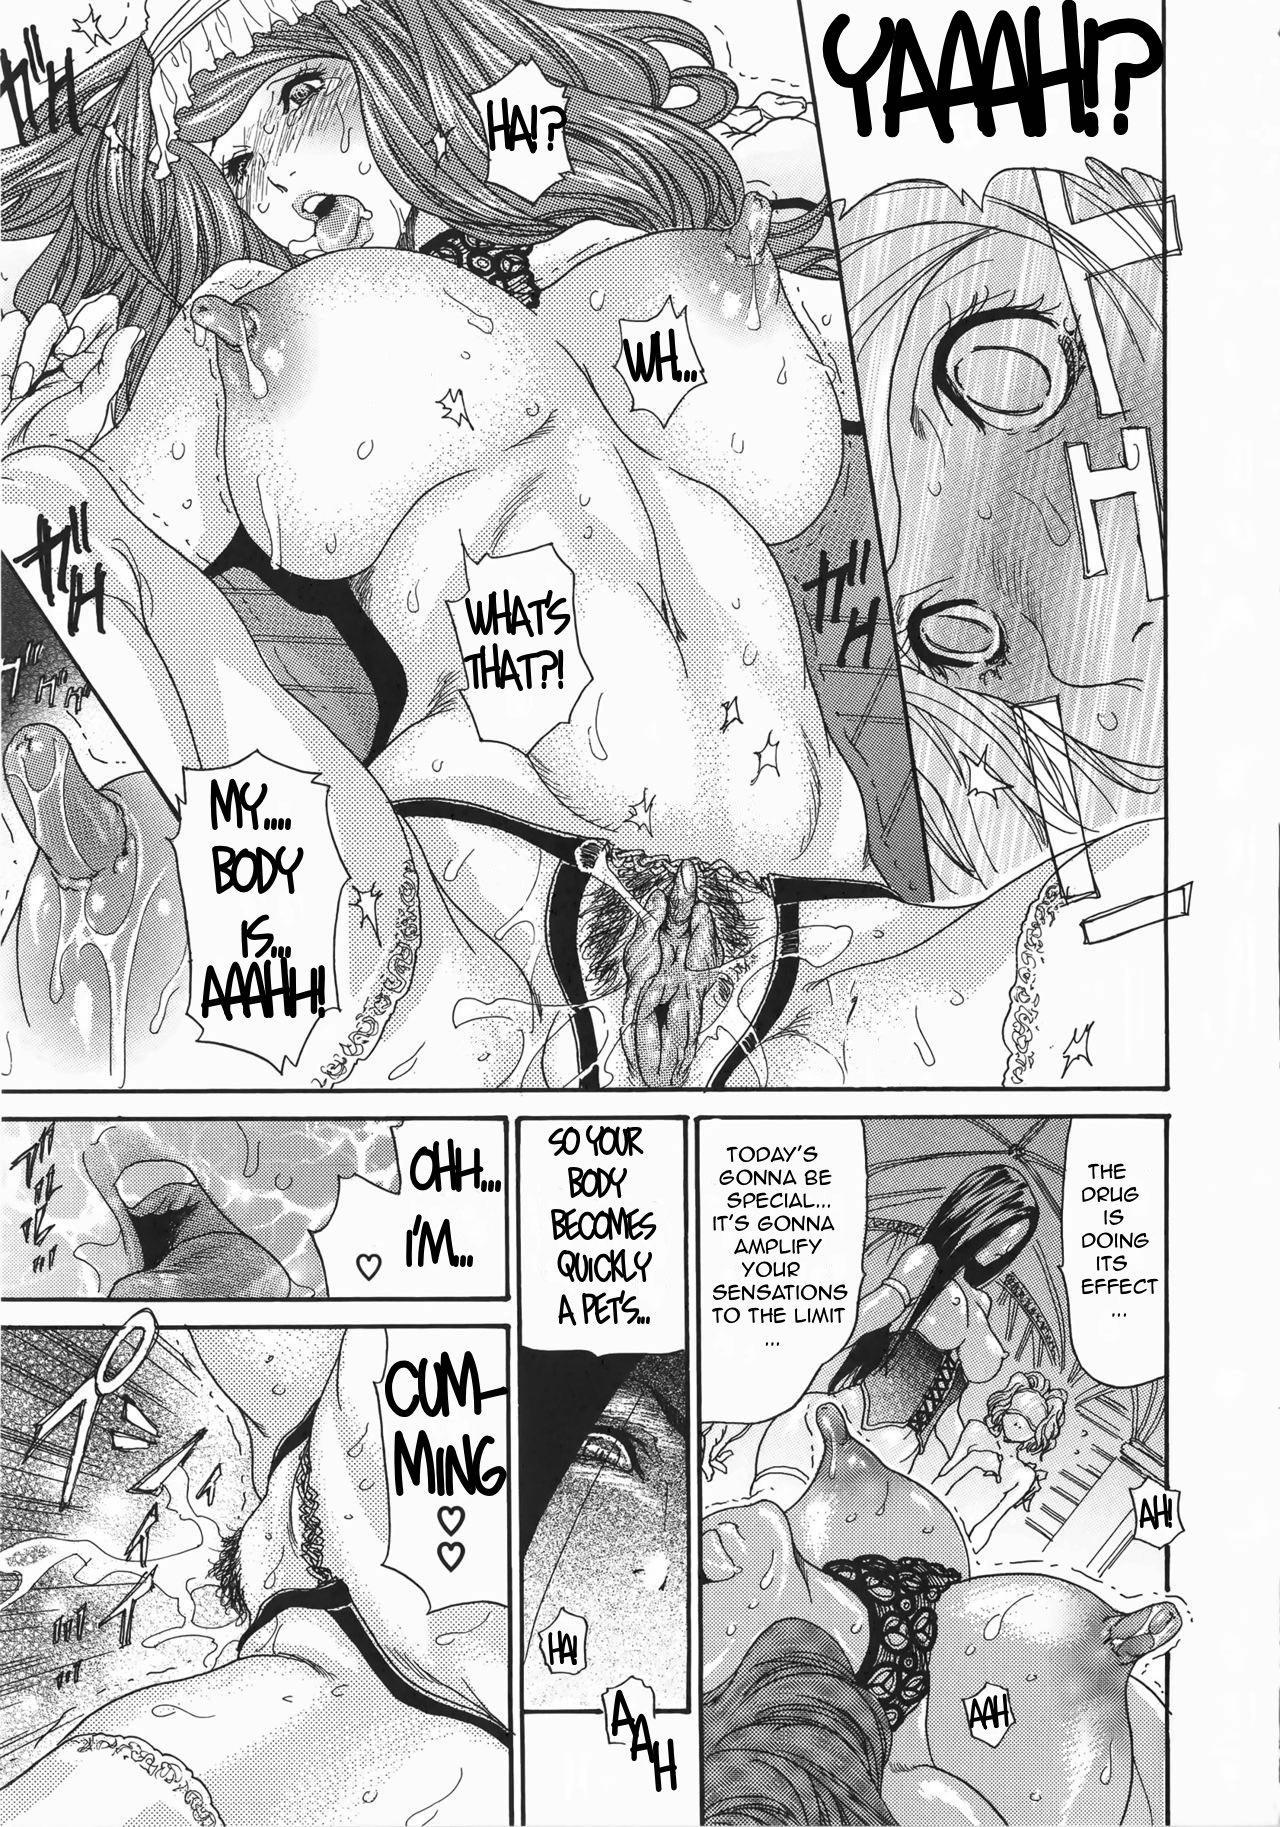 [Aoi Hitori, Izayoi Seishin, Yamasaki Masato] Metamorphose ~Celeb Zuma no Seien~ Ch. 1-8 [English][Decensored] [R-IC] 114